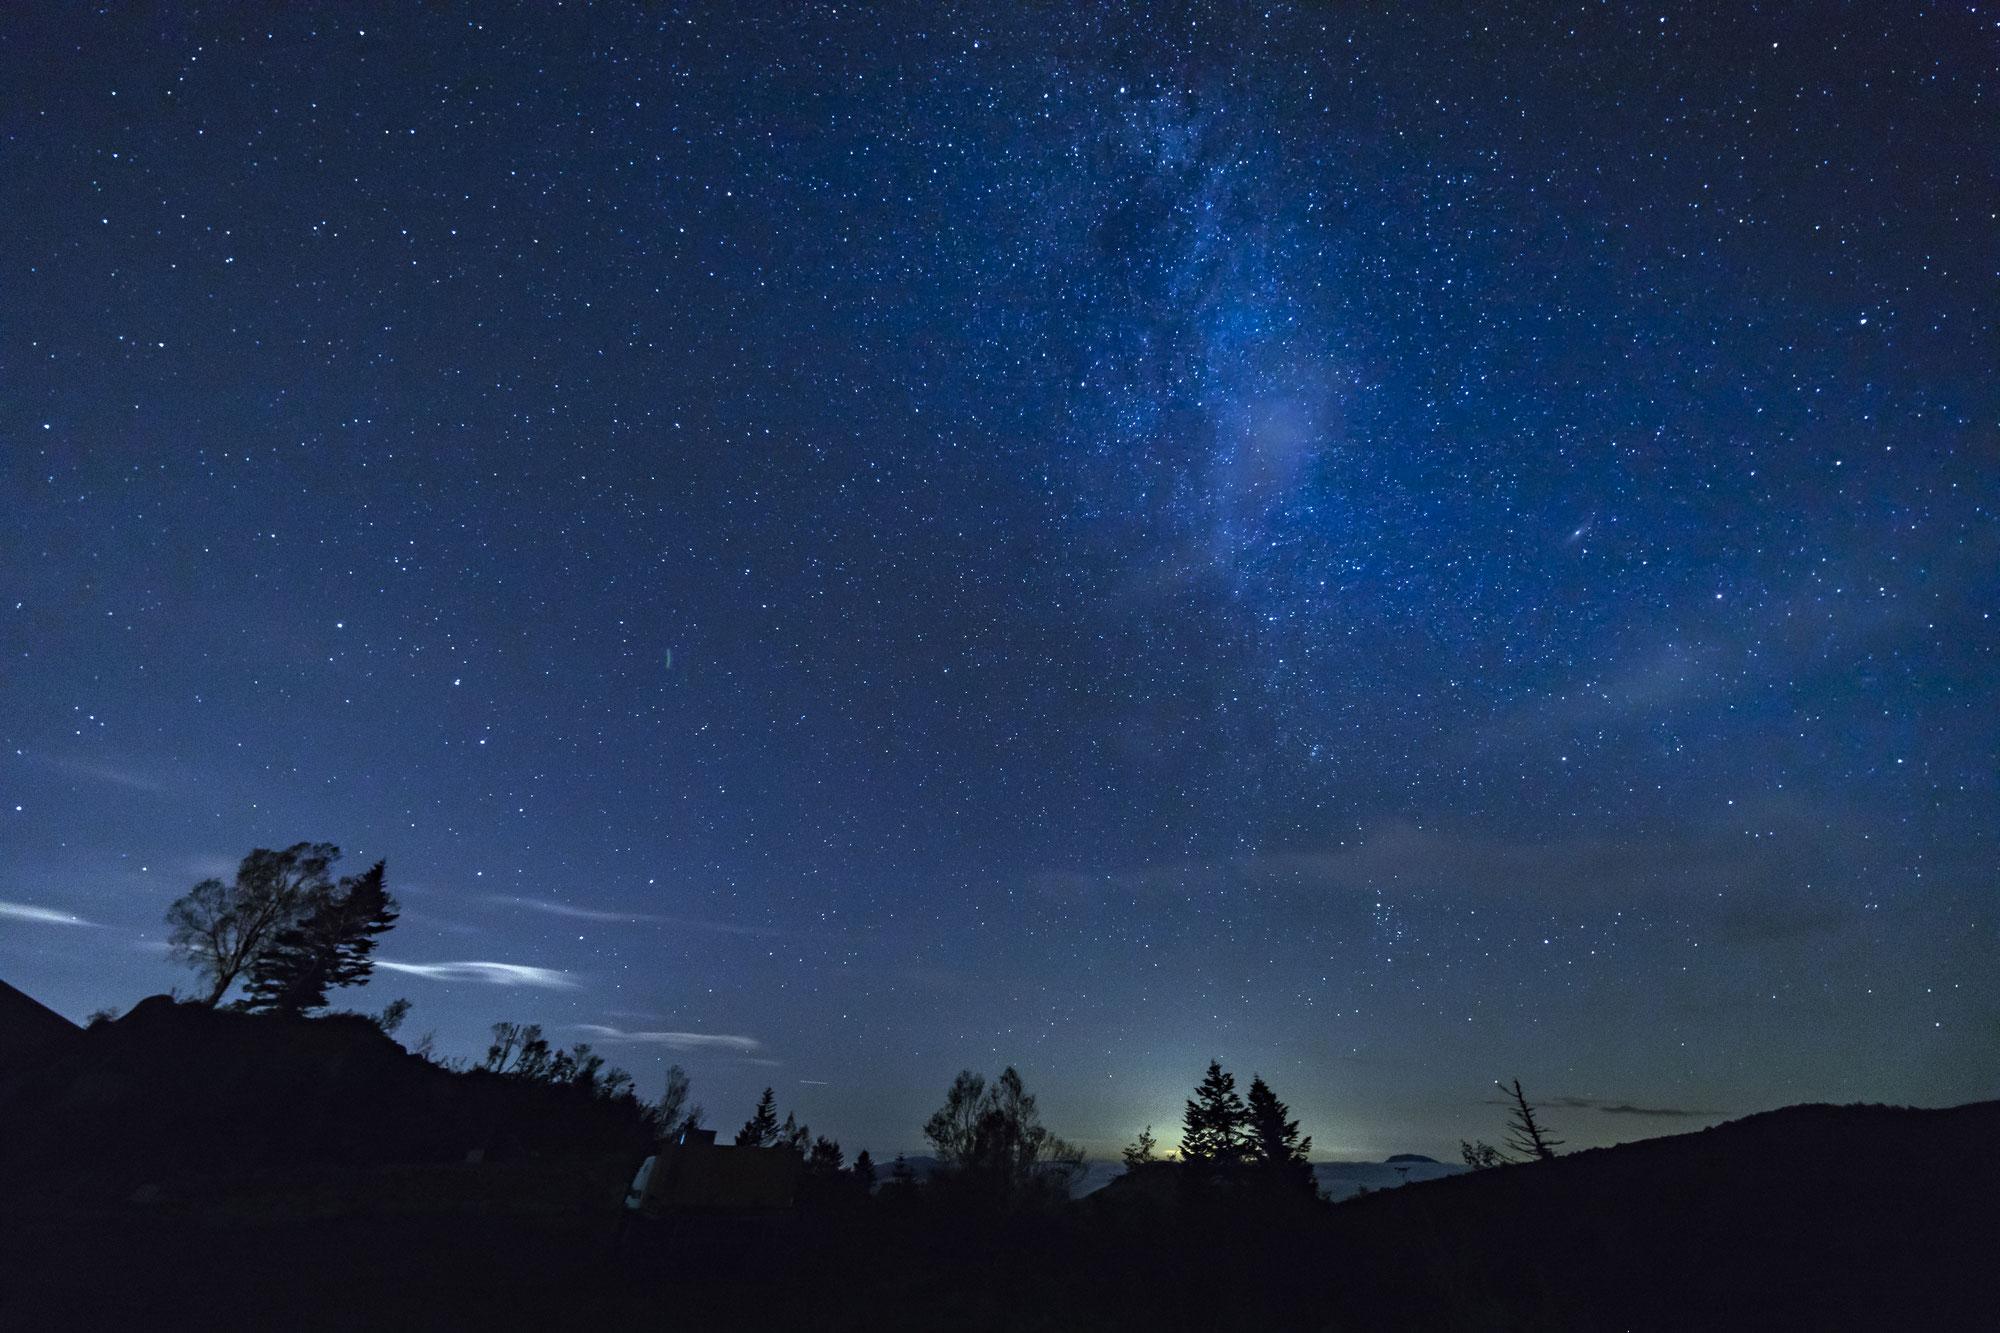 ソラテラス星空ナイトシネマのご案内